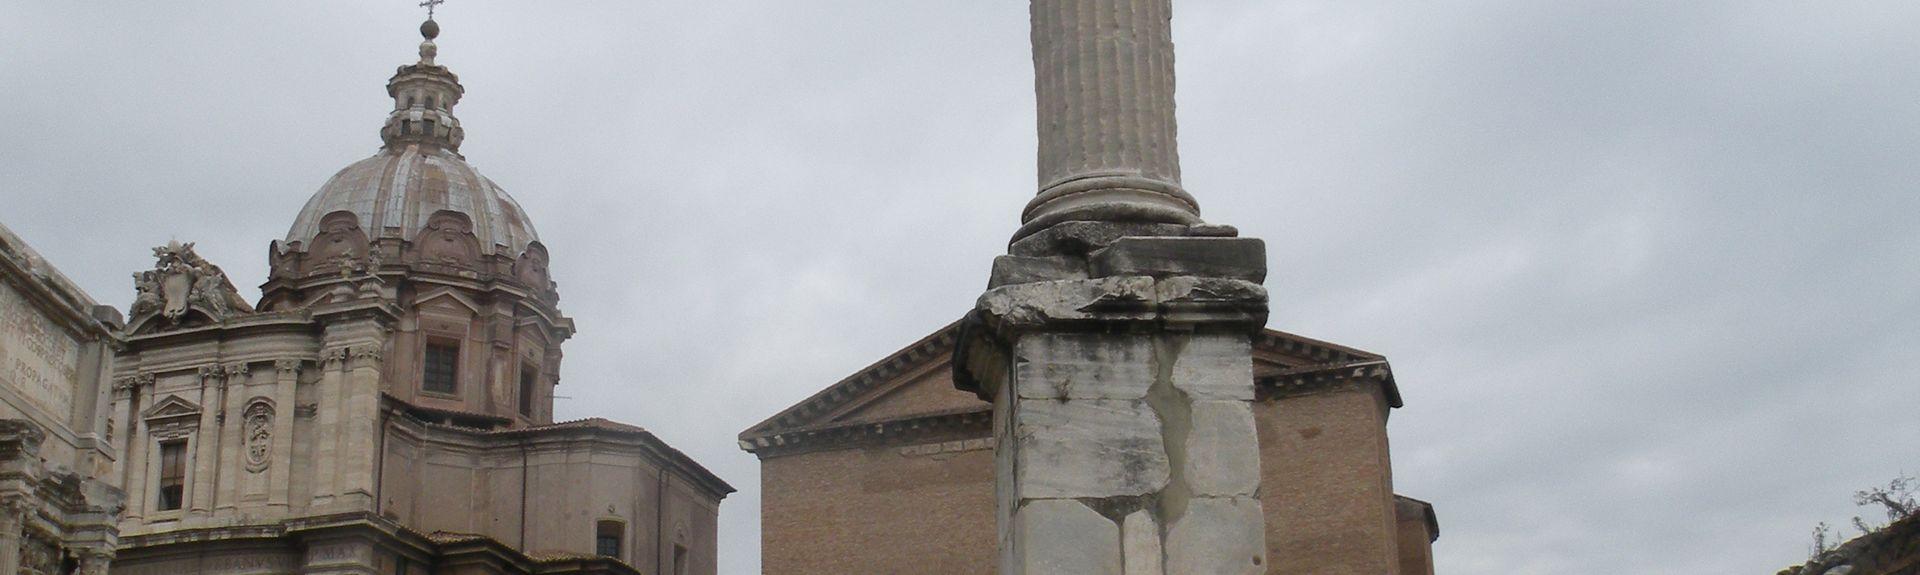 Piazza del Parlamento, Rome, Italy